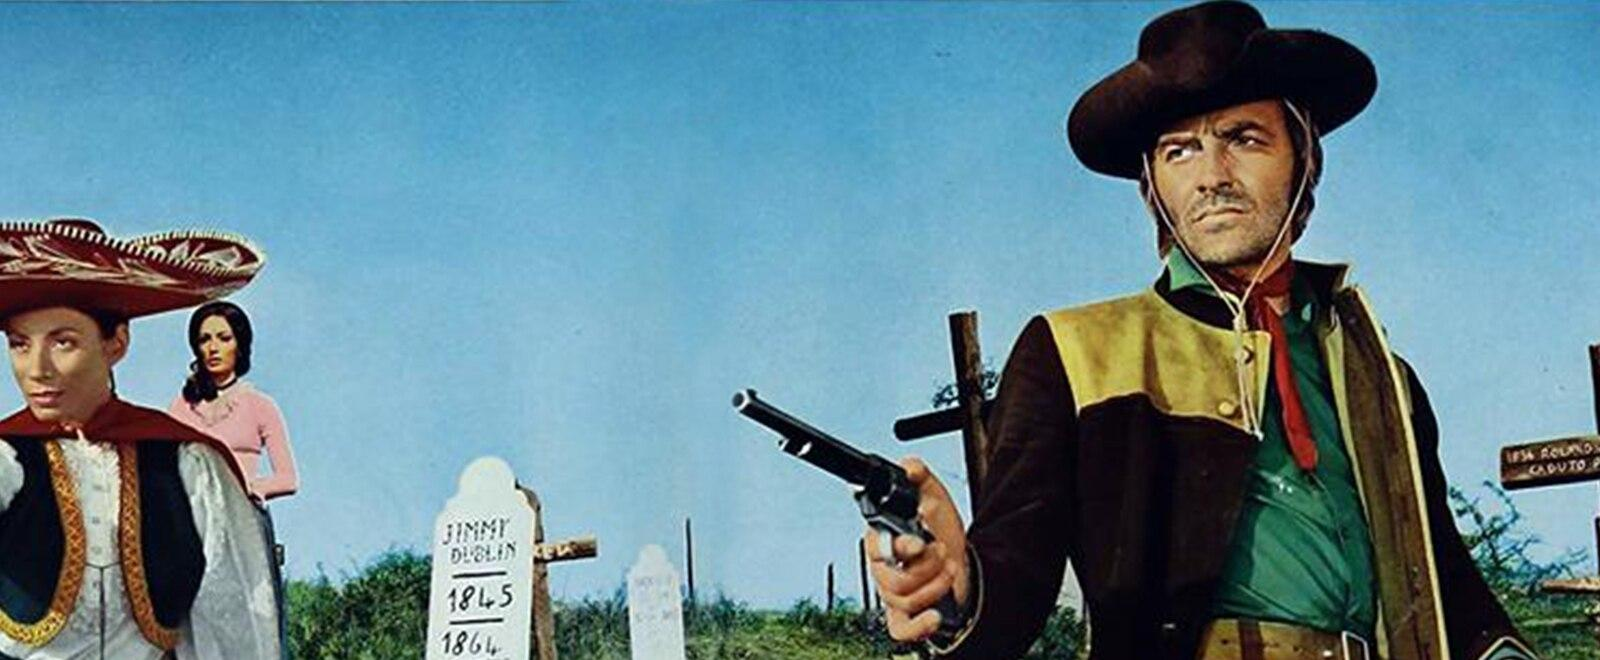 Una pistola per cento croci!